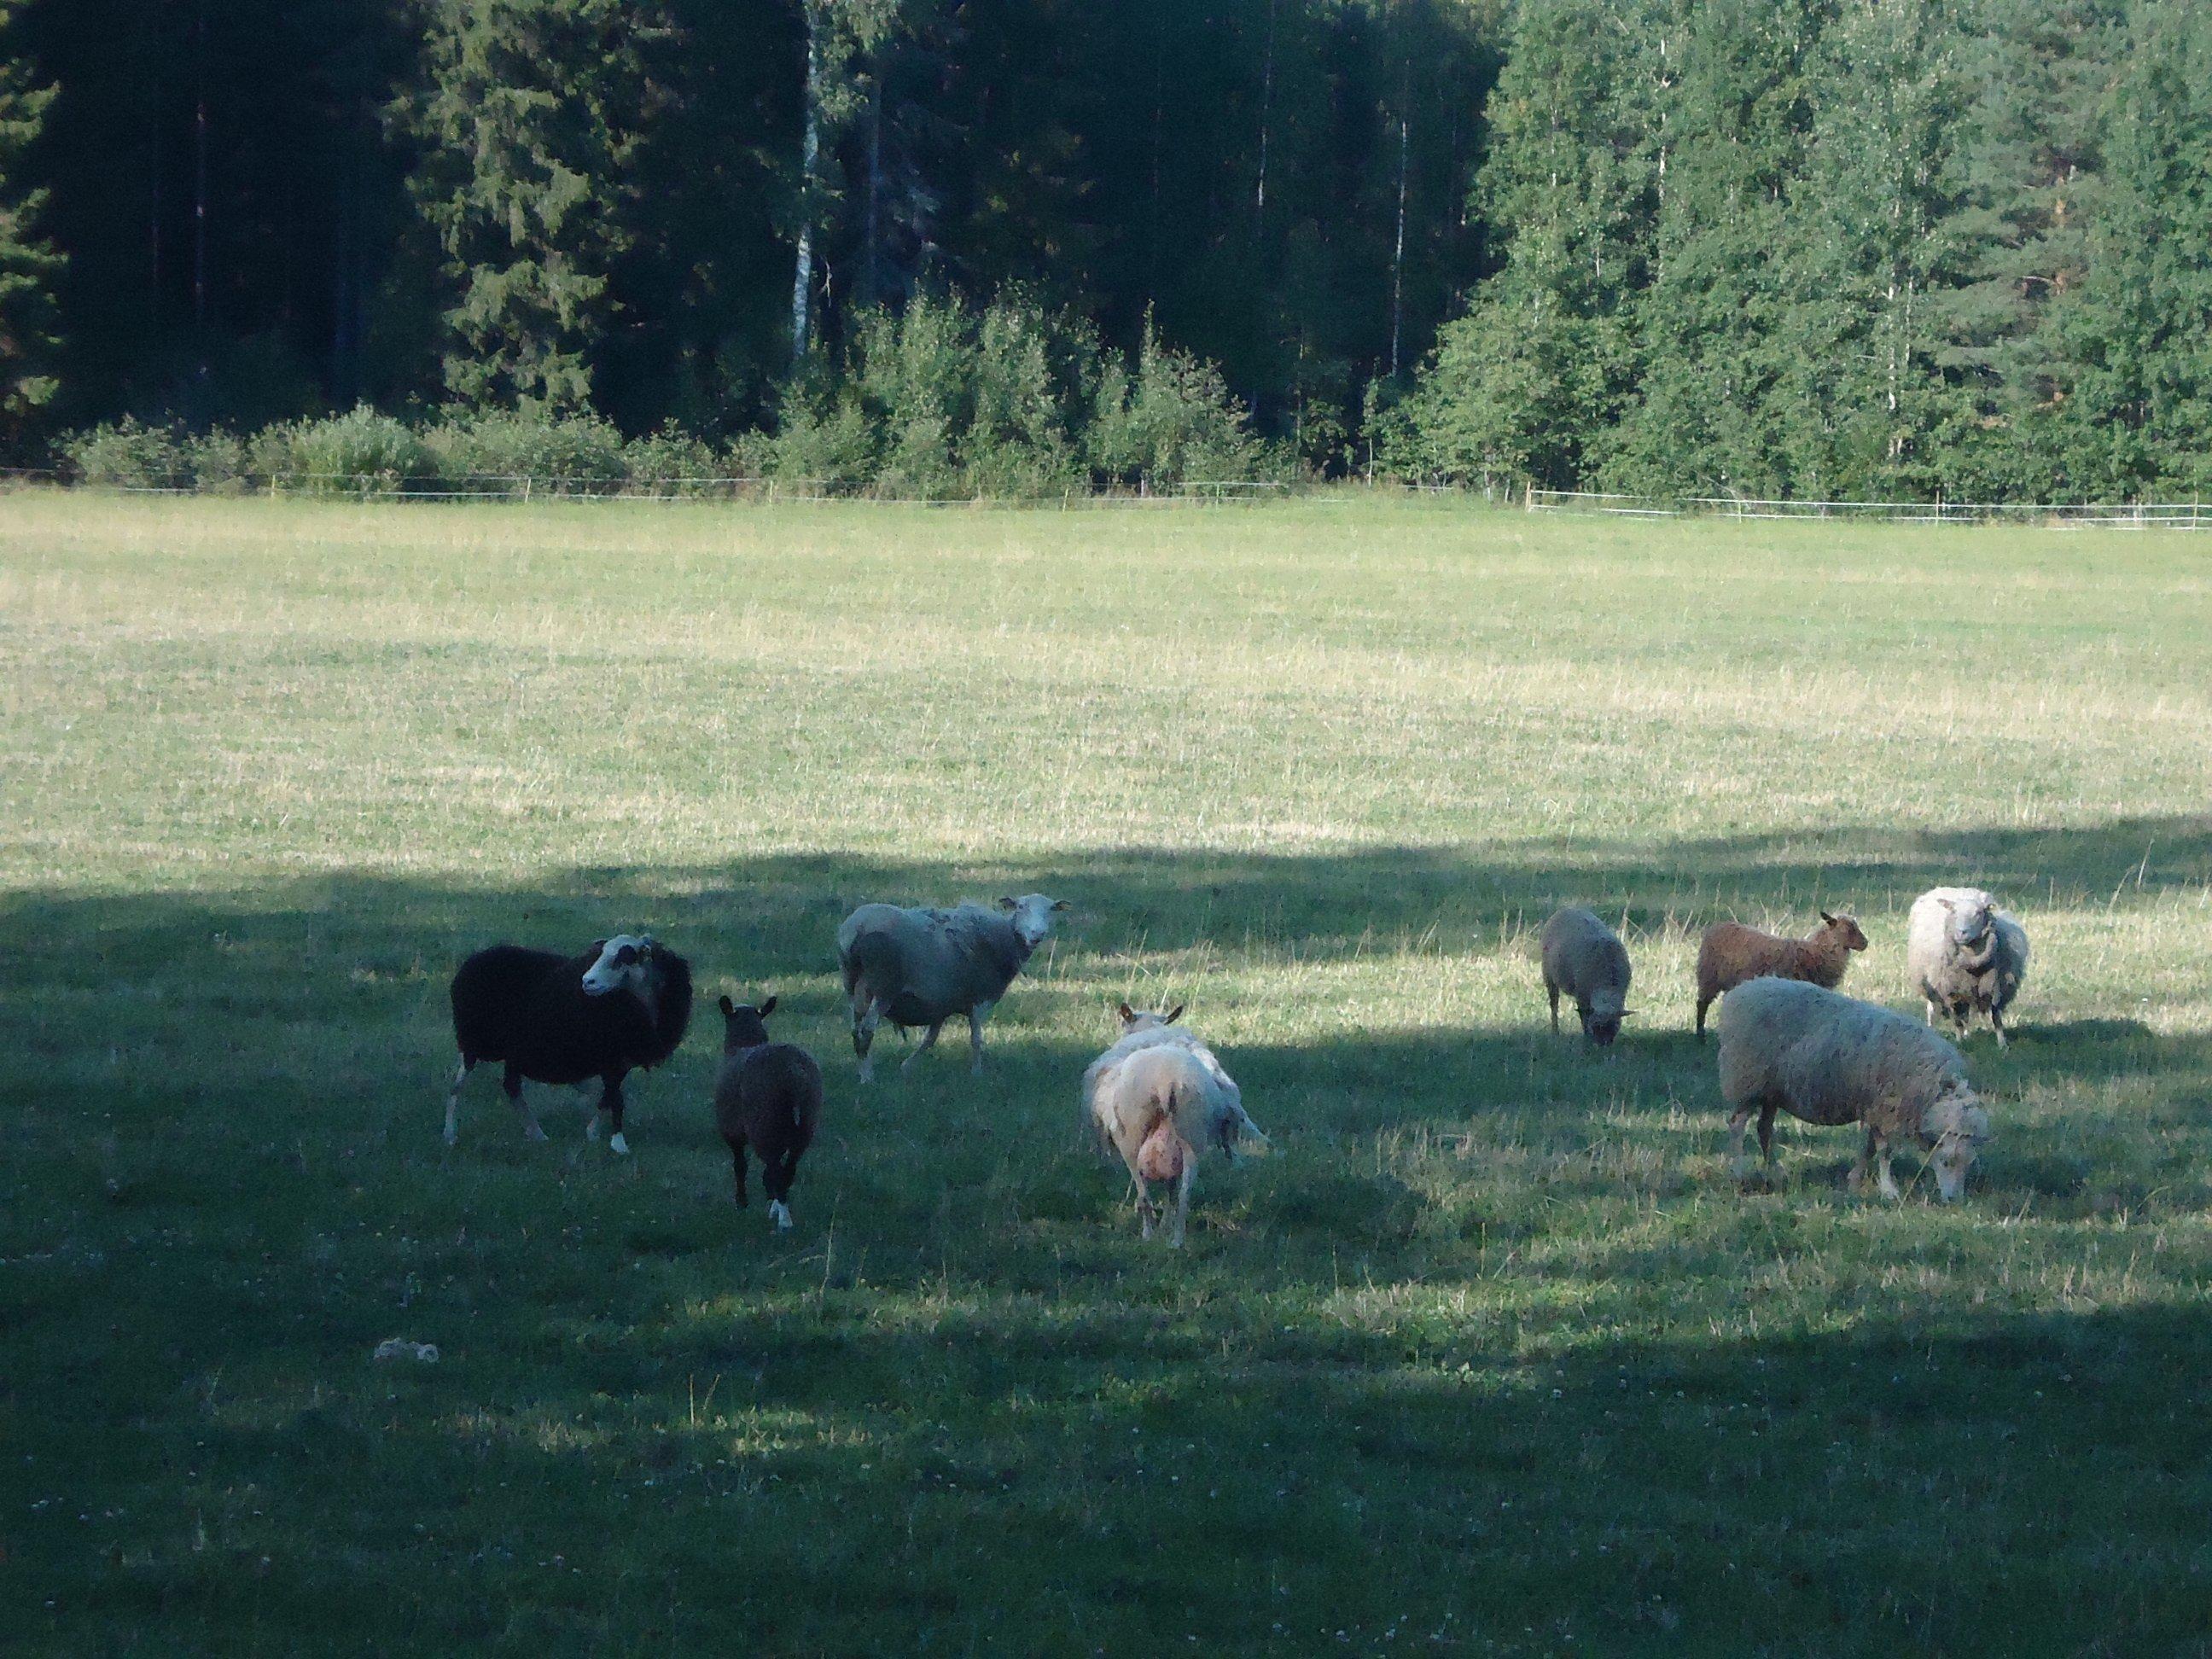 The farm's sheep